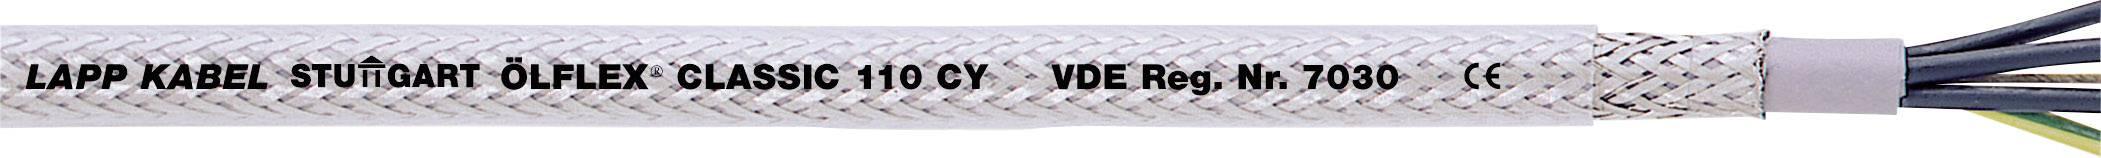 Řídicí kabel LAPP ÖLFLEX® CLASSIC 110 CY 1135207, 7 G 1 mm², vnější Ø 10.20 mm, transparentní, metrové zboží